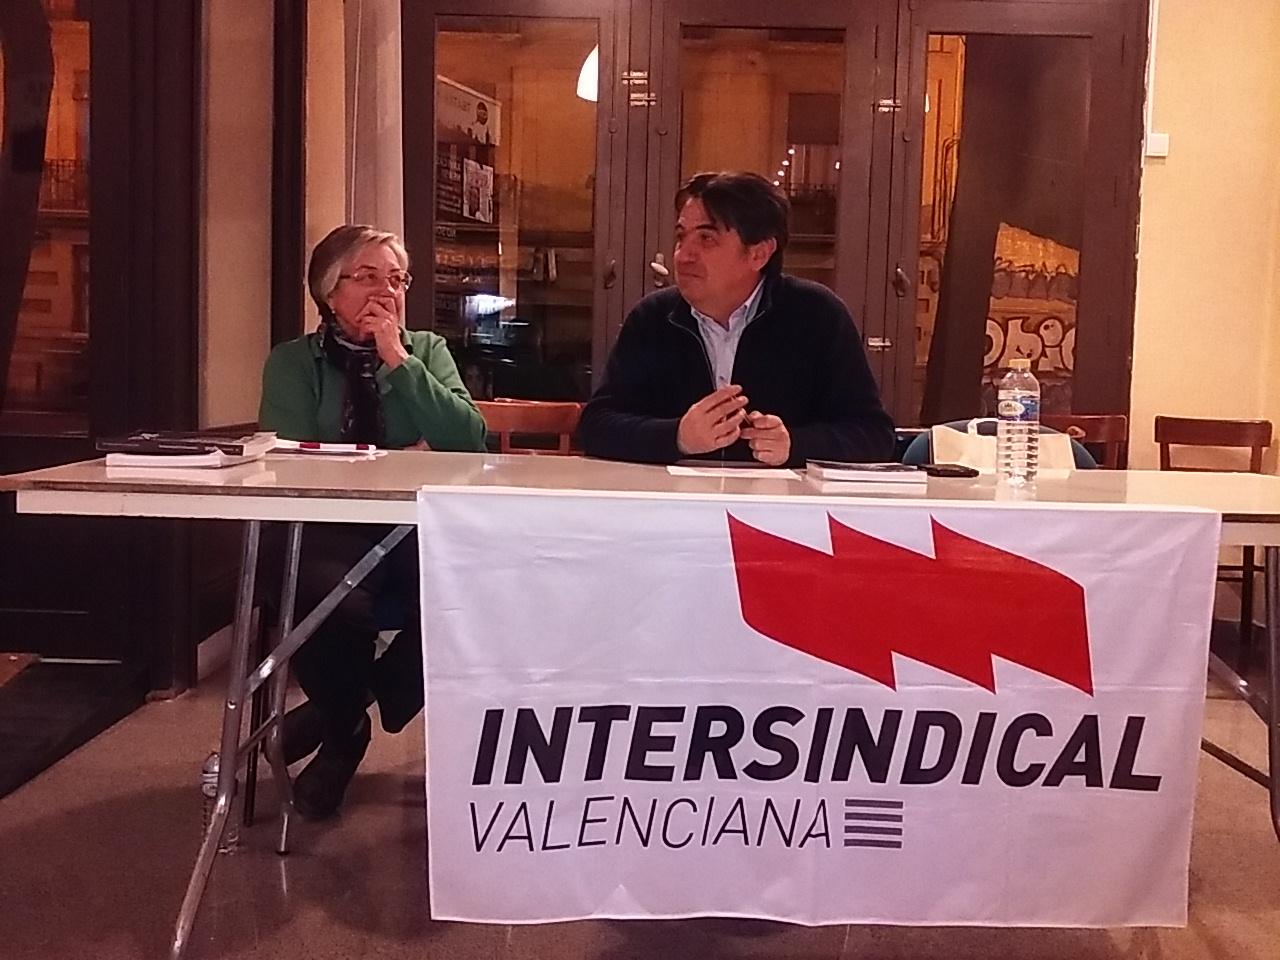 Presentació a càrrec de Martí Domínguez. Foto: Maluy Benet